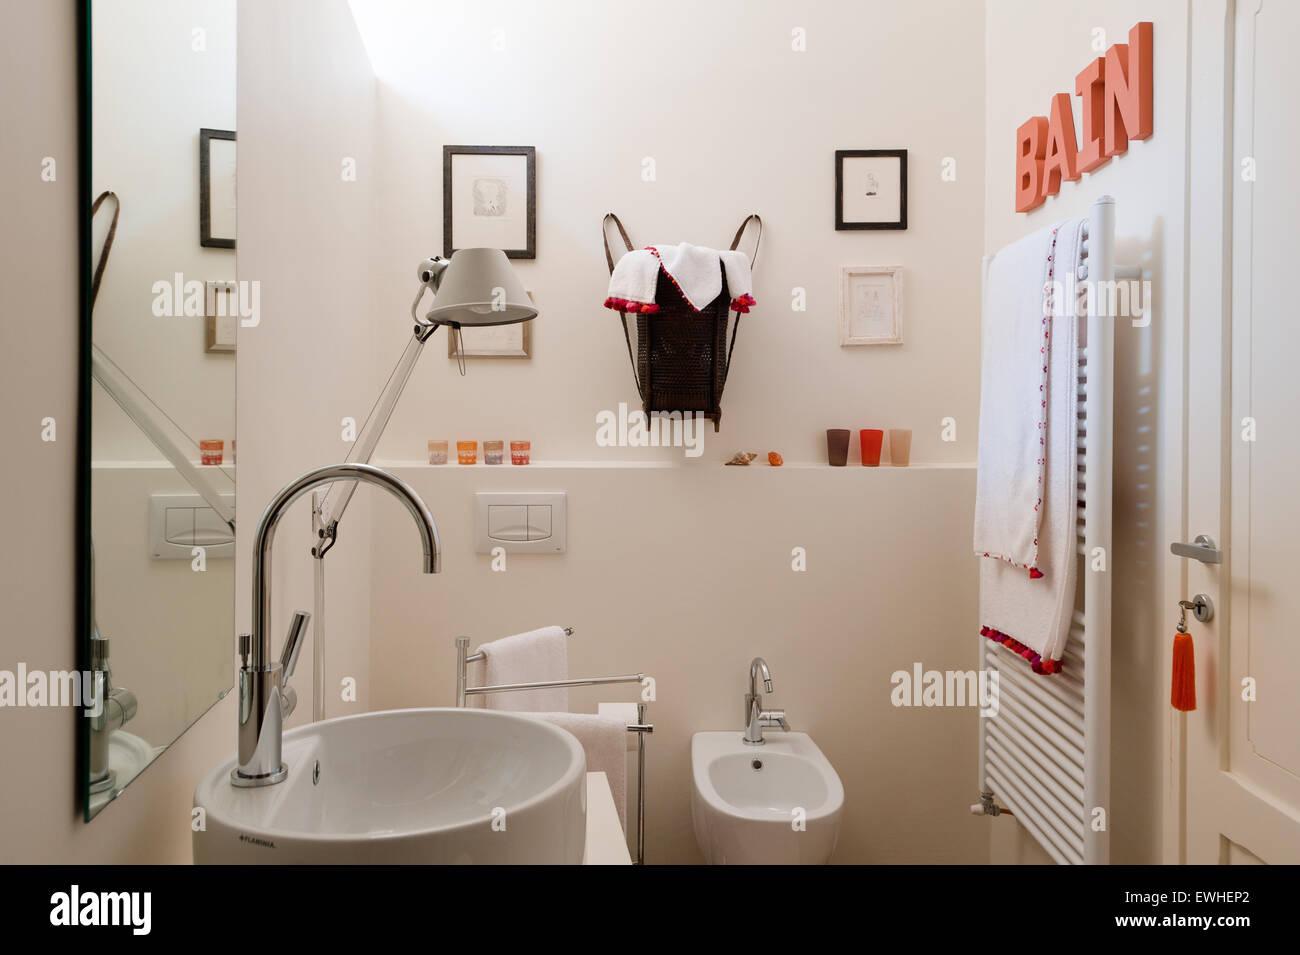 Helles Modernes Bad Mit Beheiztem Handtuchhalter, Bunte Schriftzüge Und  Lampe Von Artemide